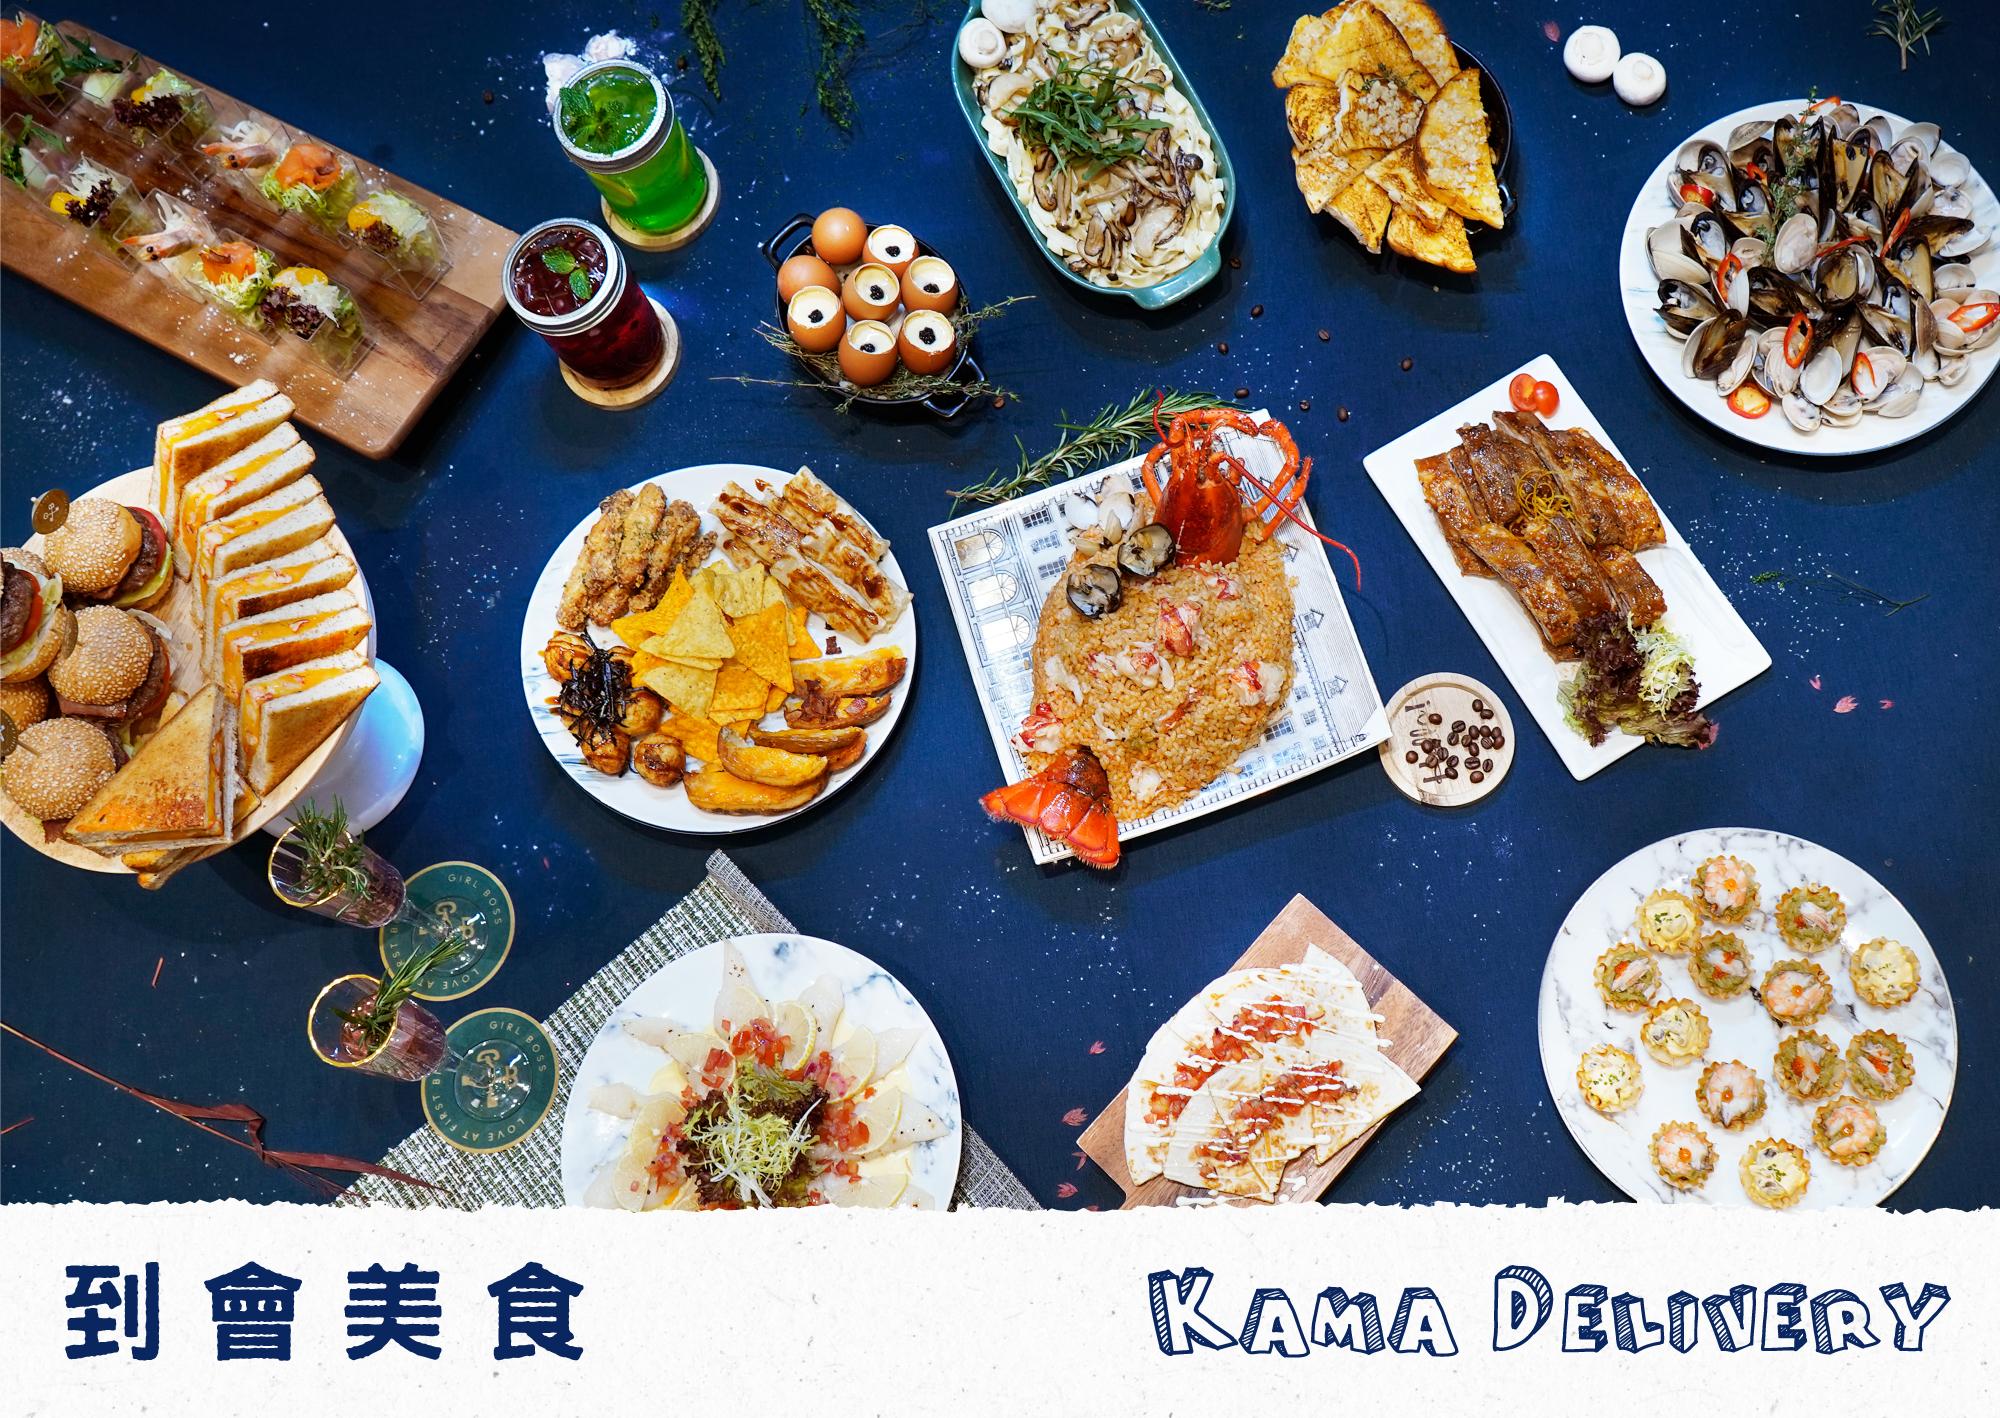 到會美食推介||Kama Delivery多款自選到會套餐、單點小食為你即日送上!Love at First Bite!